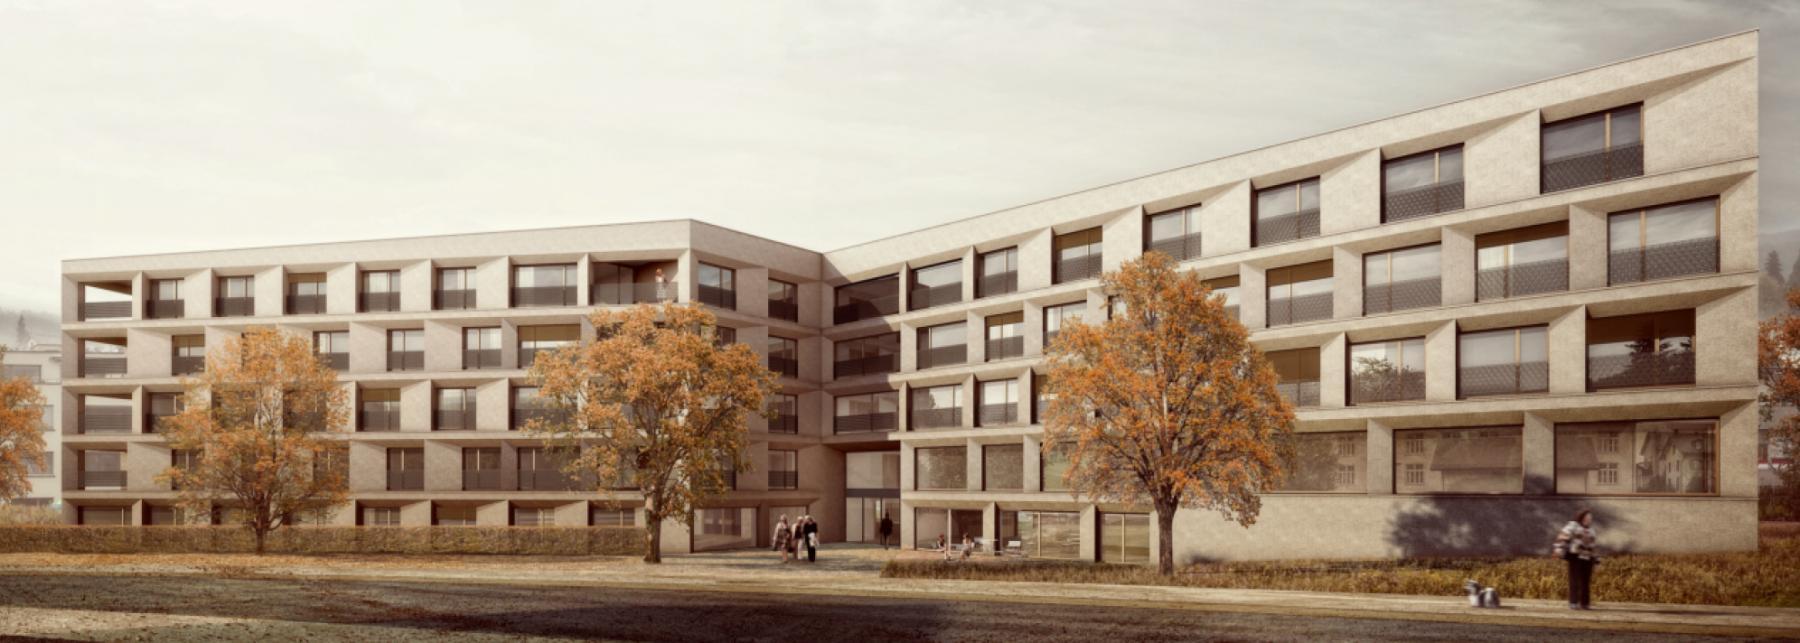 Neubau Alterszentrum der Stiftung Drei Tannen, Wald, kit – architects & parbat Landschaftsarchitektur, Bonbon